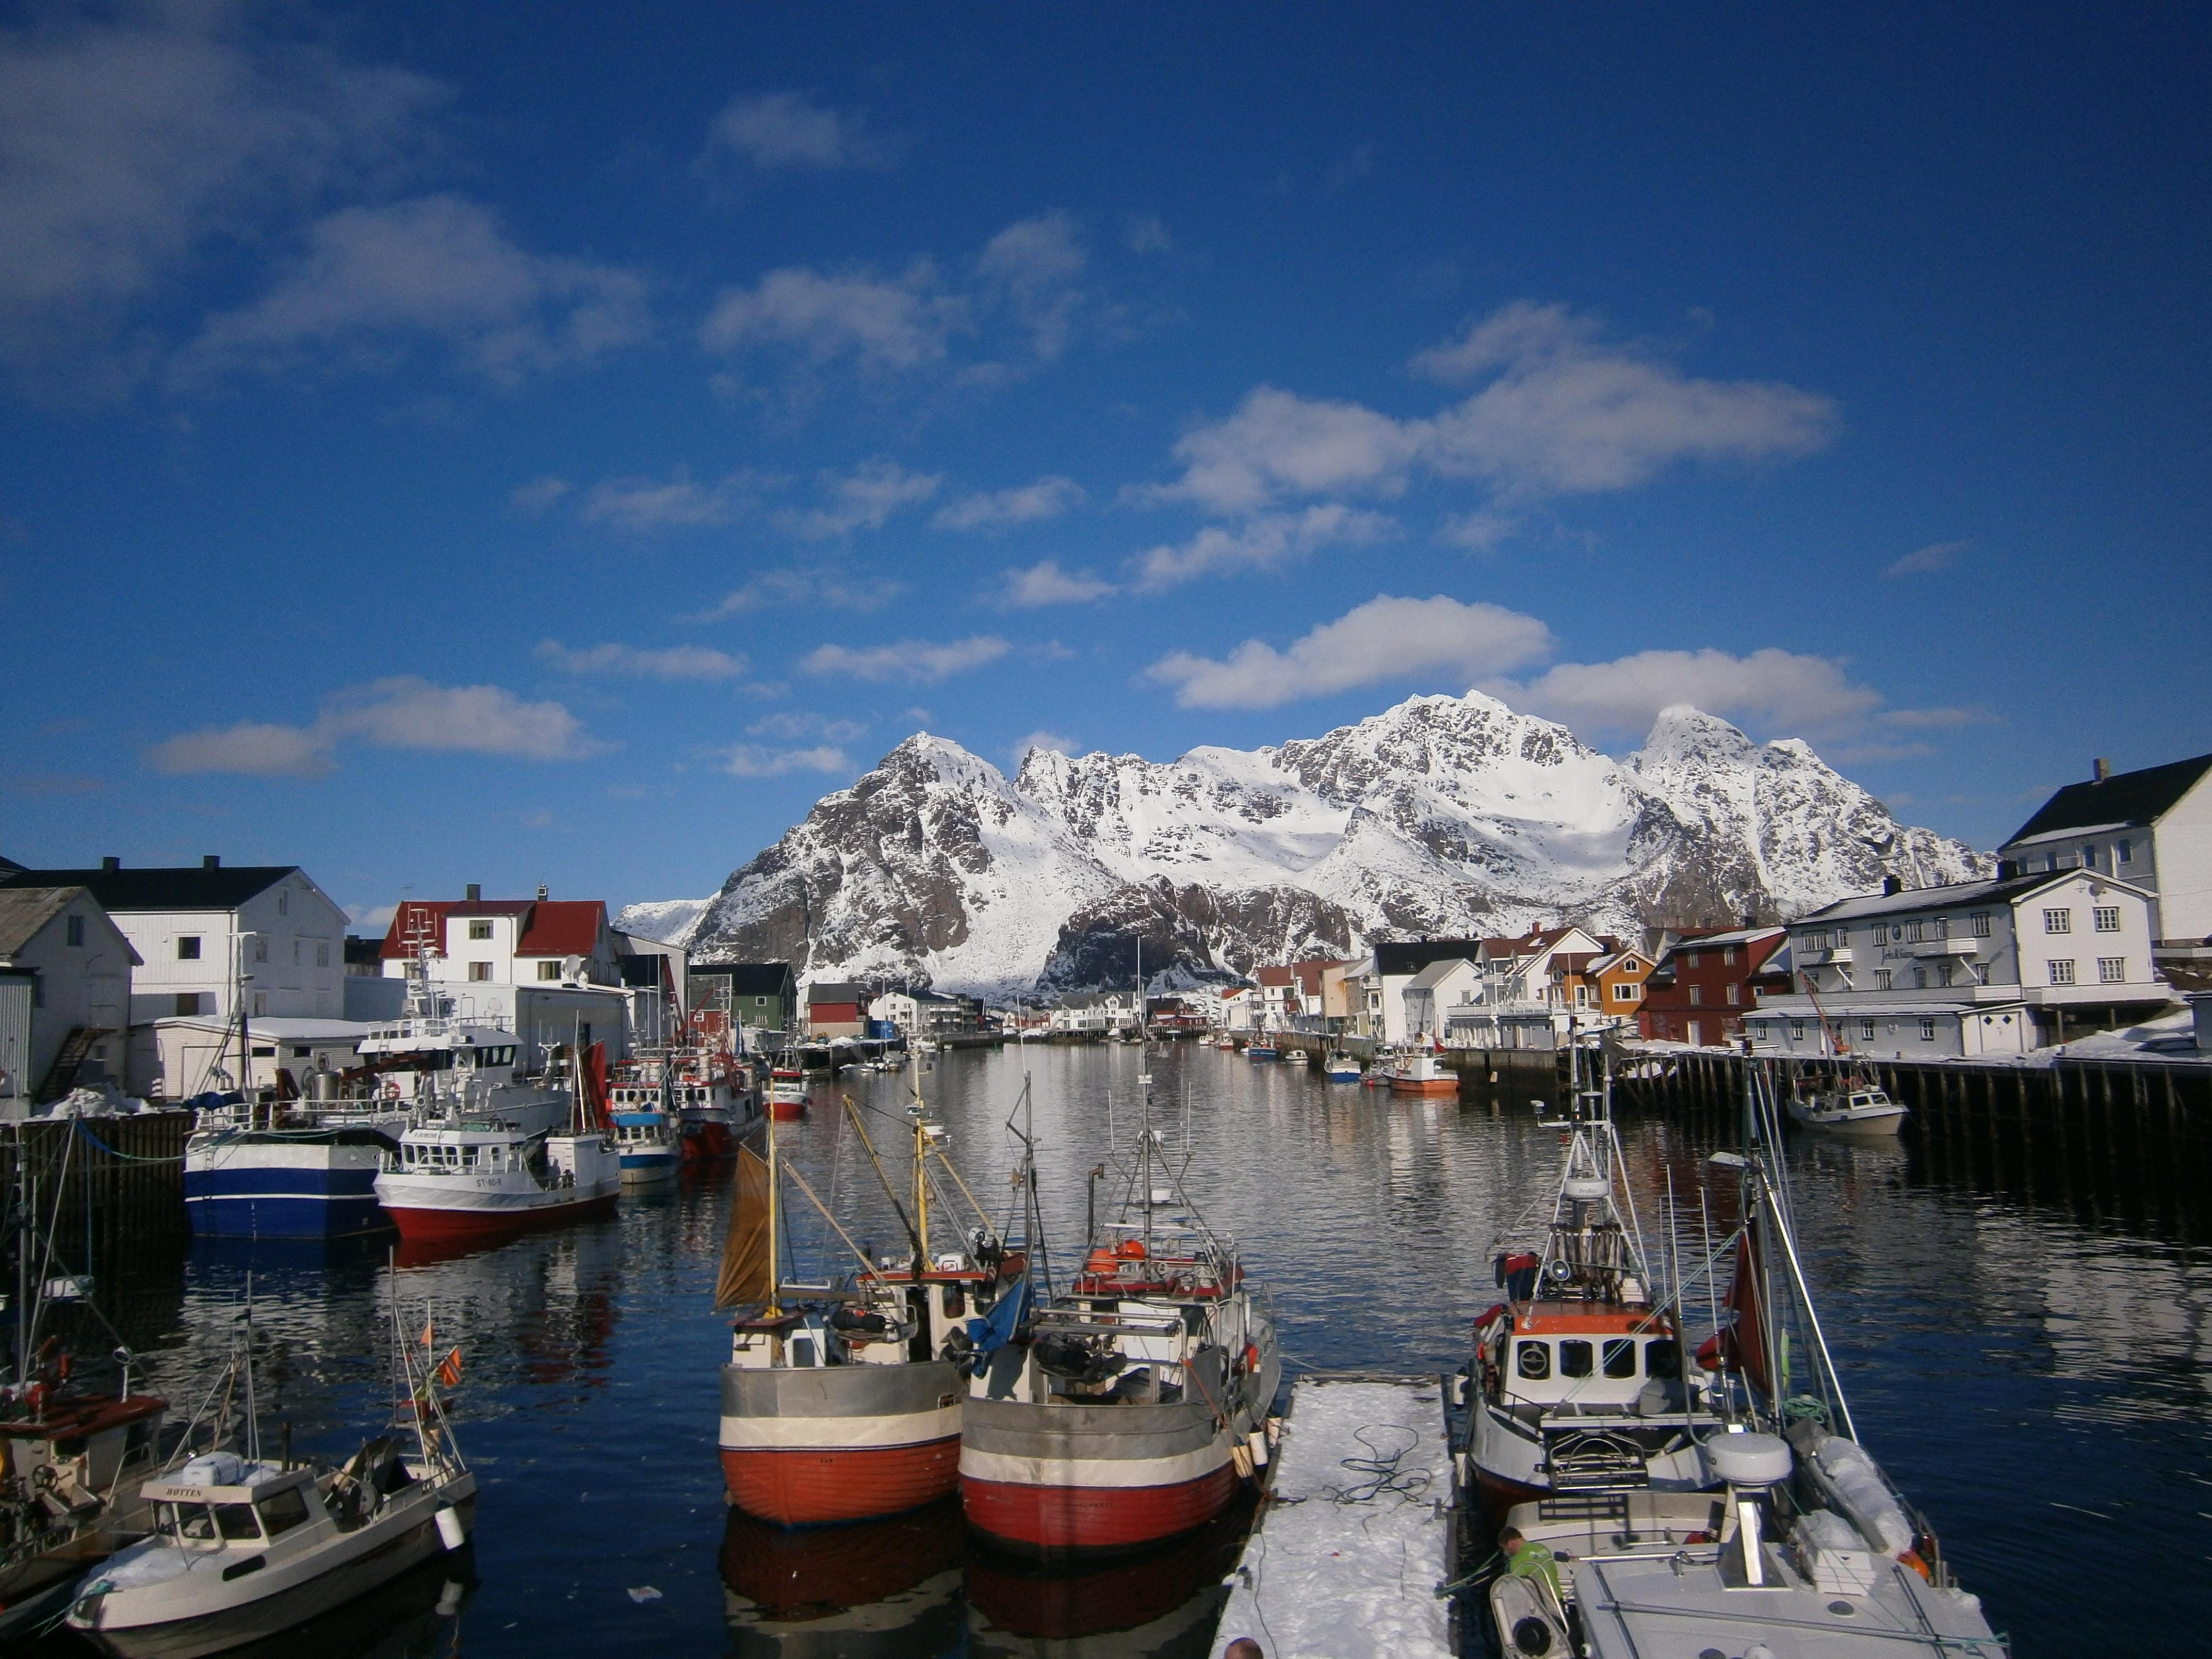 chelovek puteshestviya 2 priroda otdyx  Удивительные острова в Норвегии